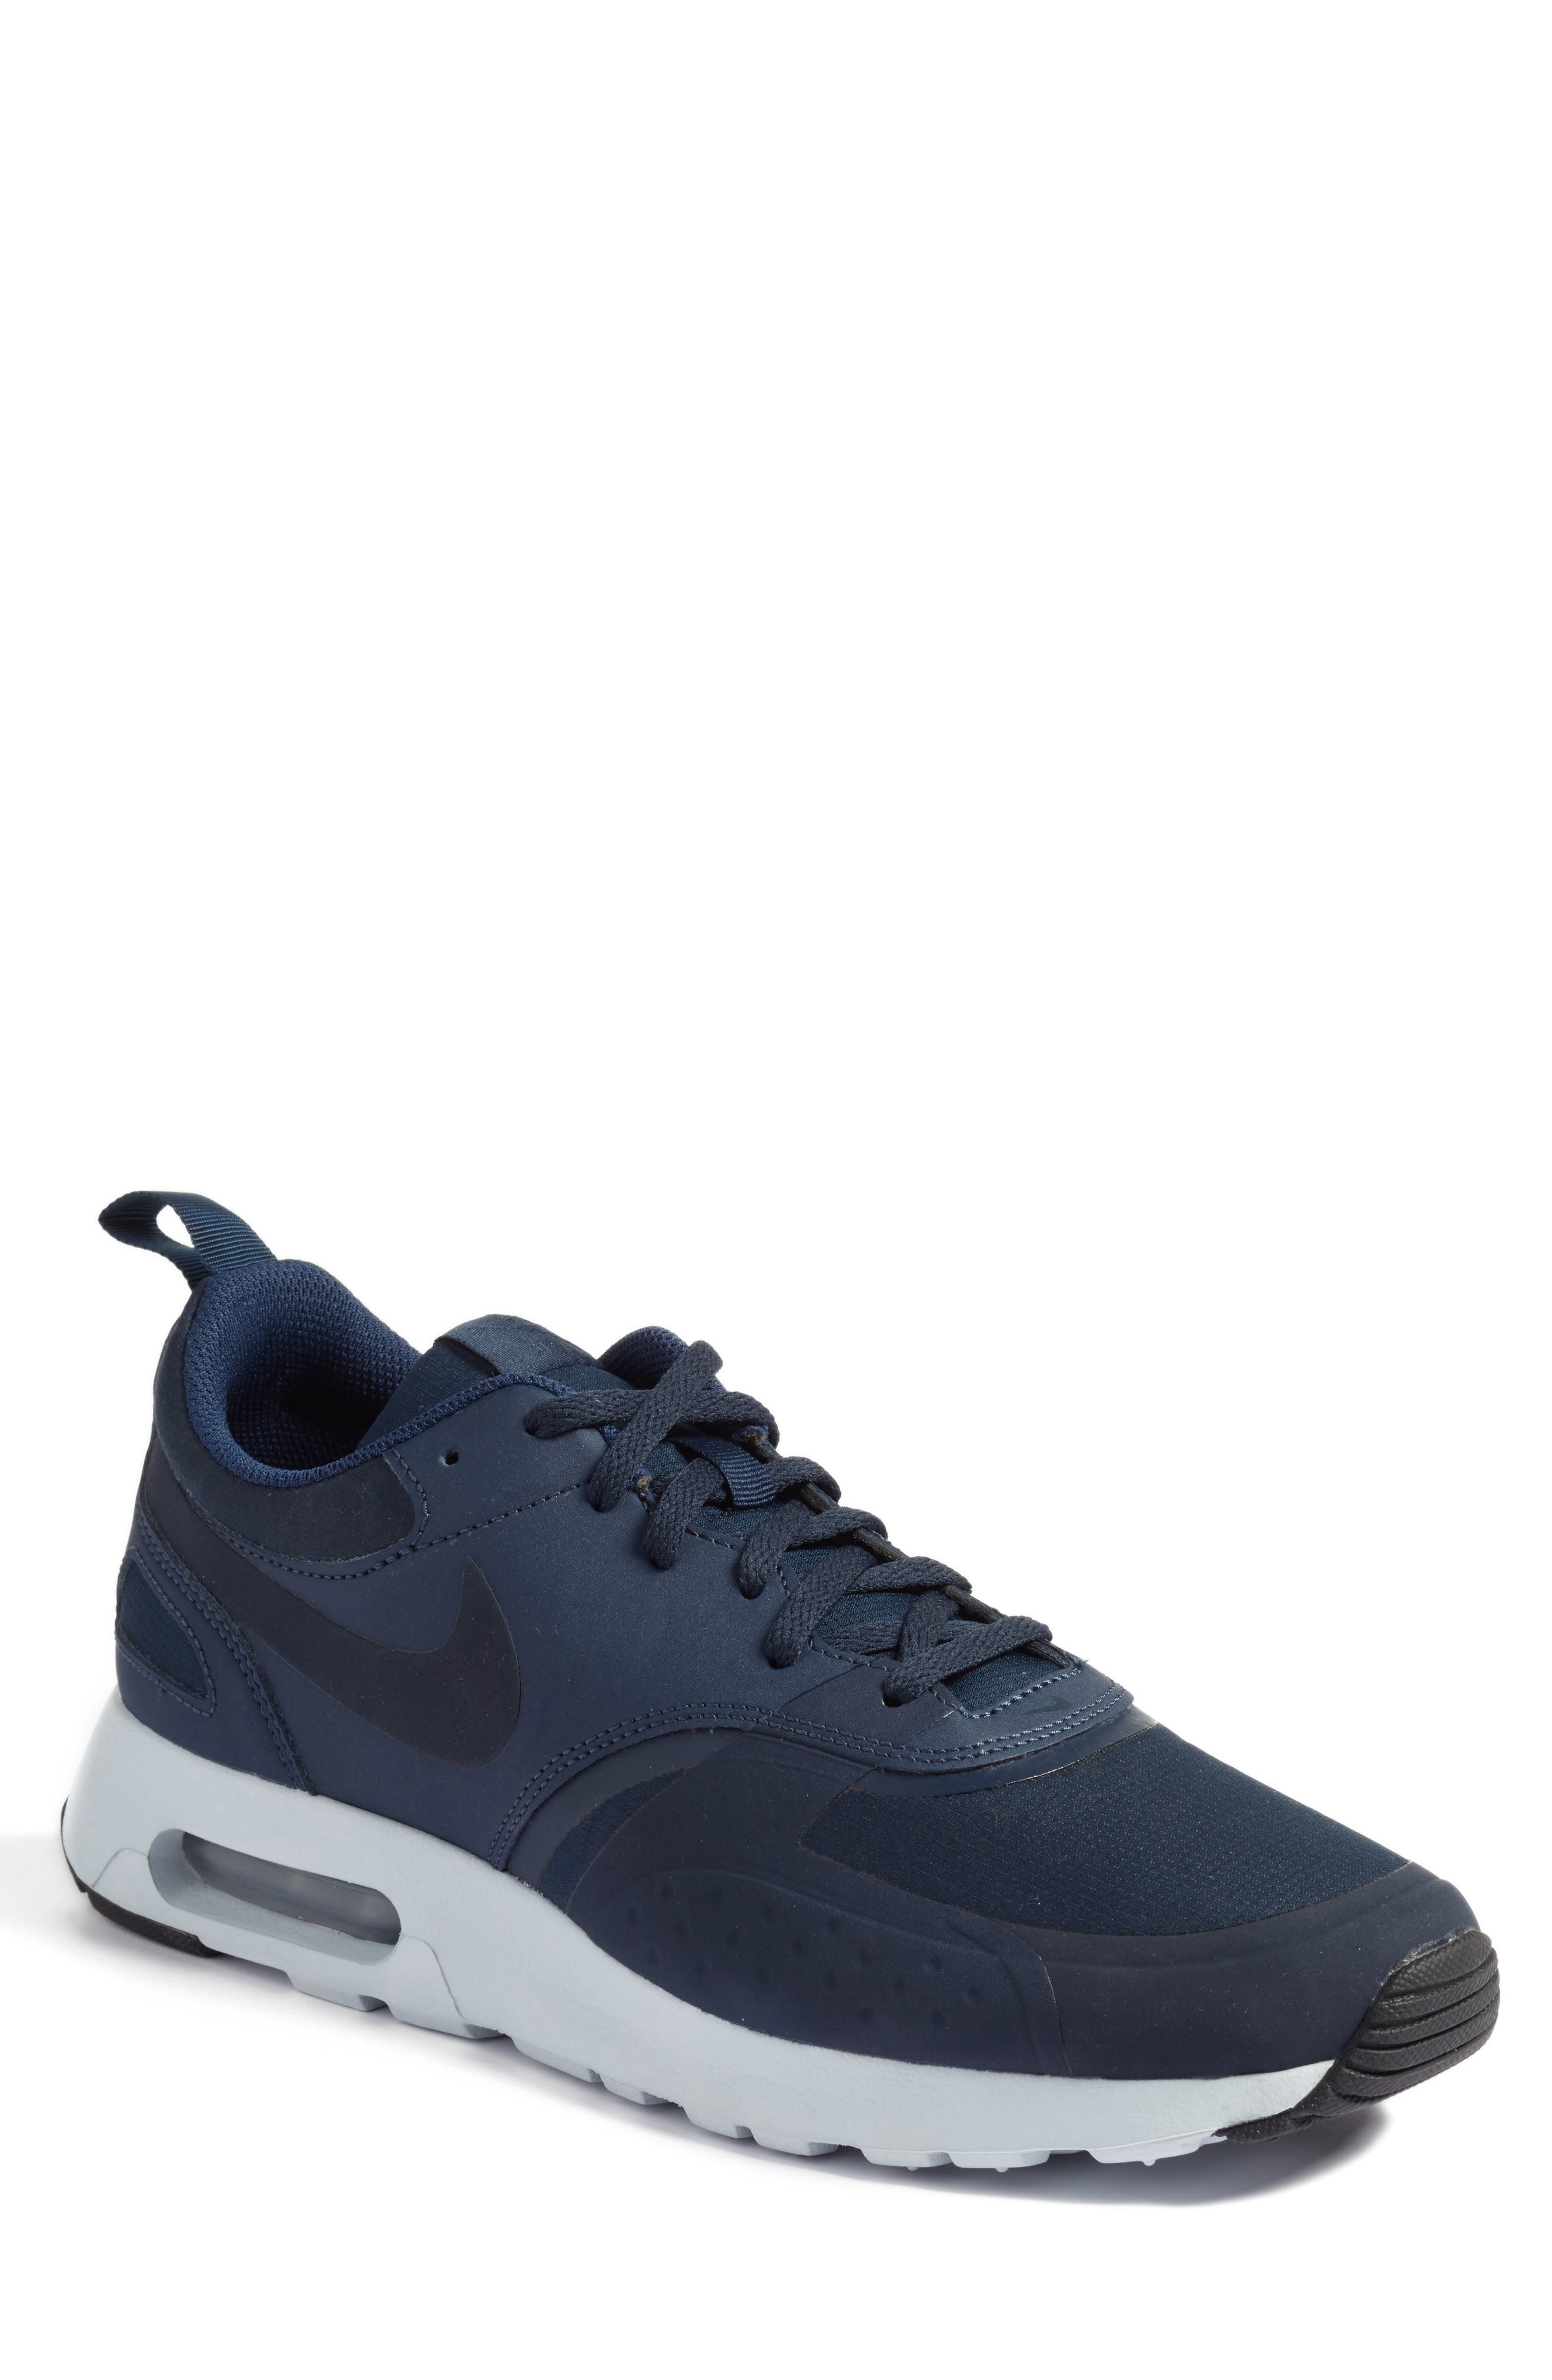 Air Max Vision Premium Sneaker,                         Main,                         color, 400